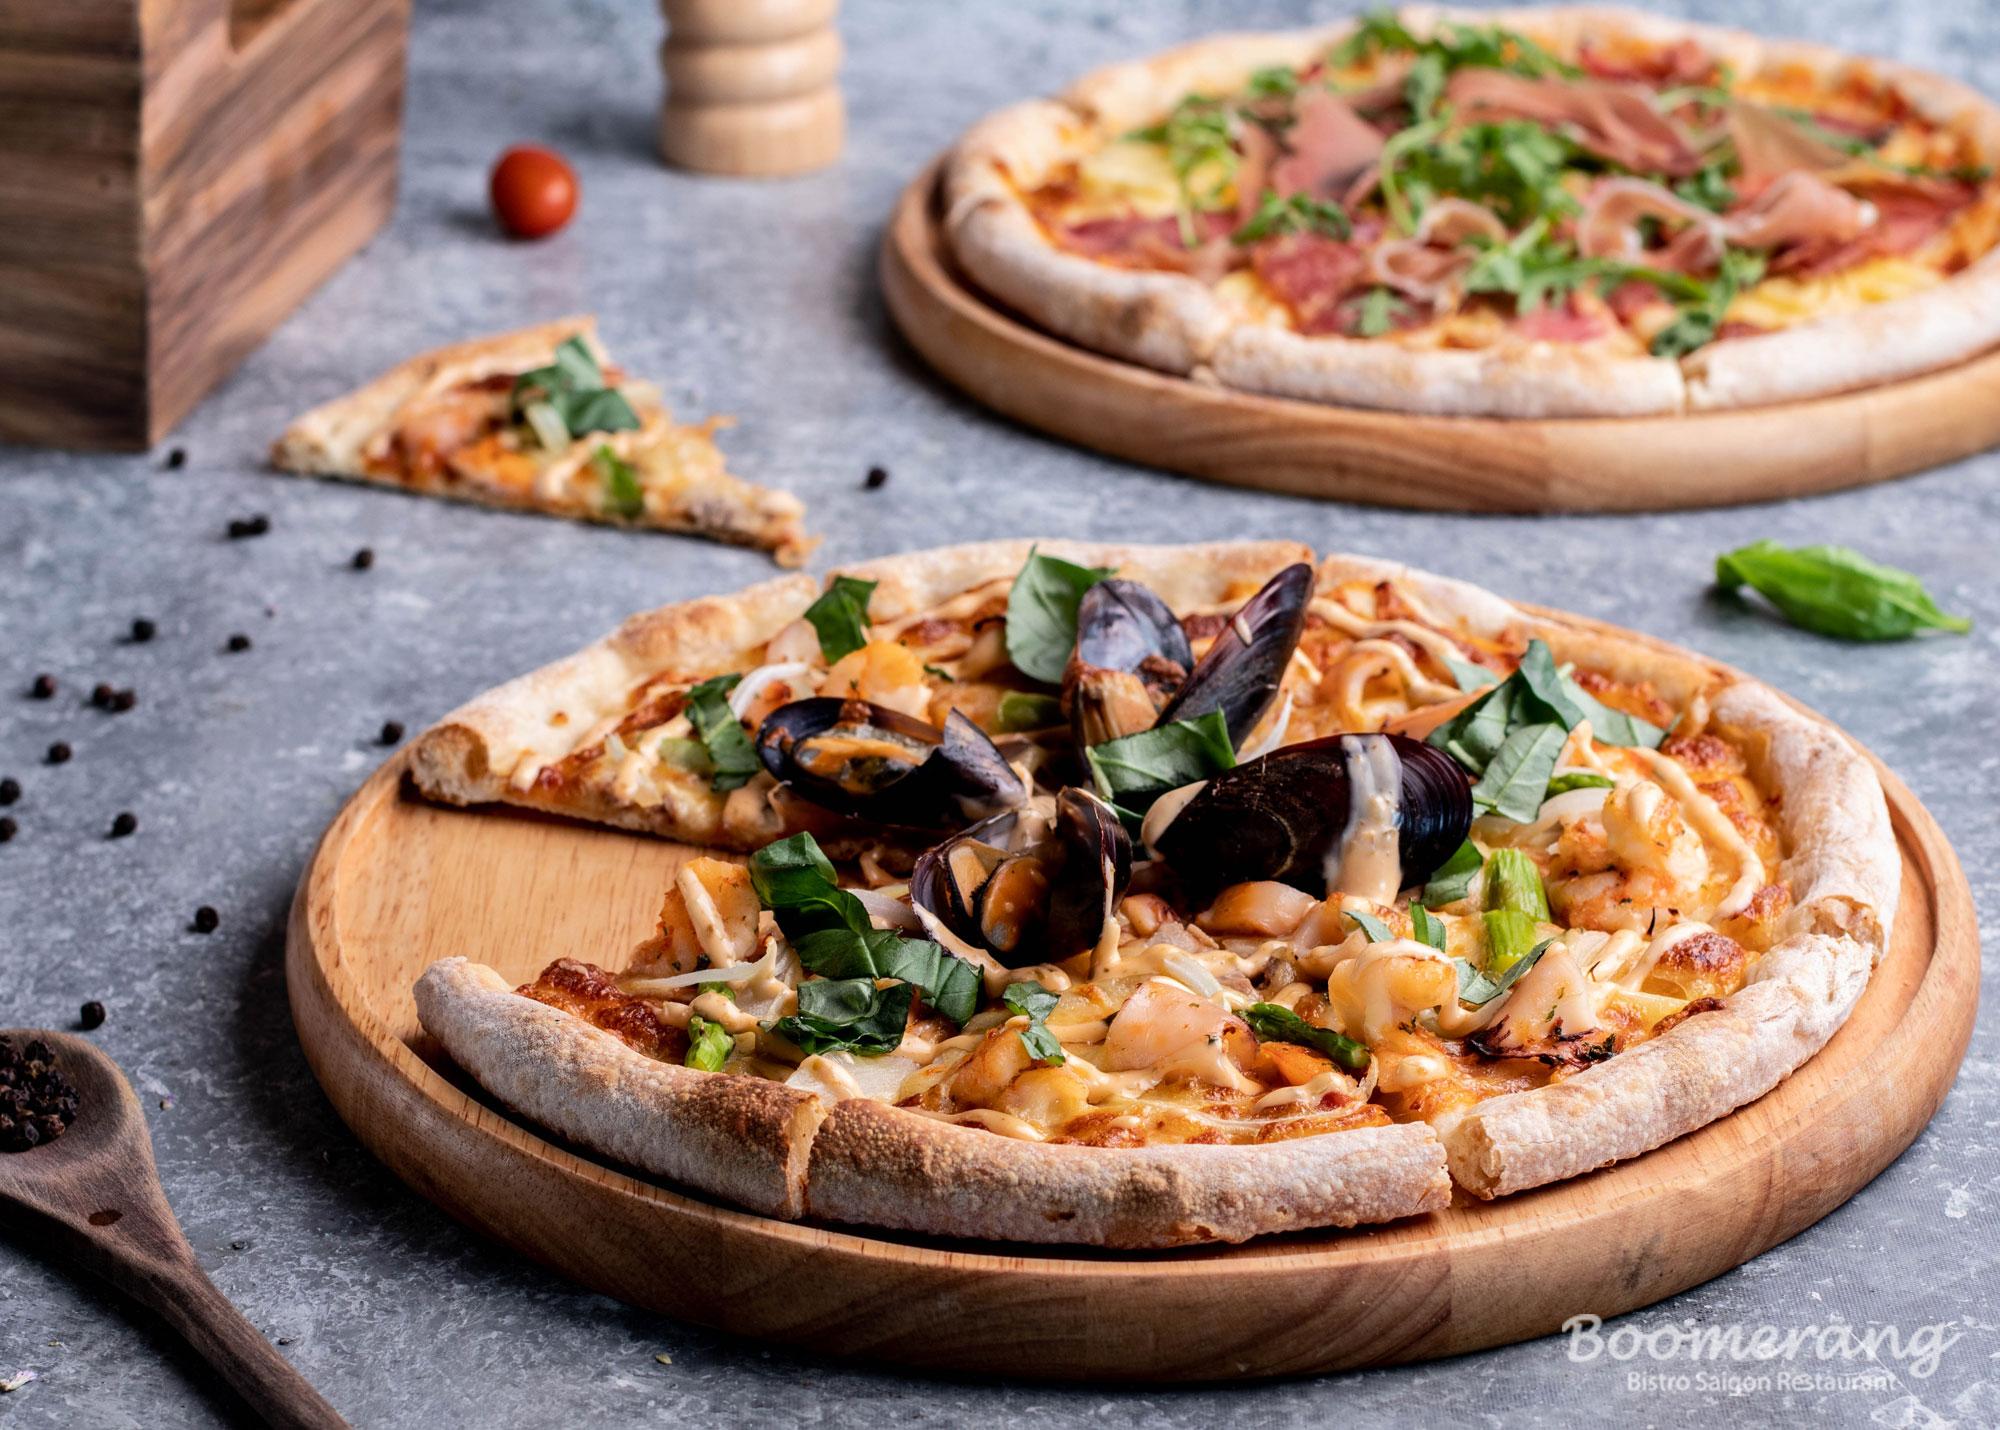 Pizza nhà hàng Boomerang Bistro Saigon